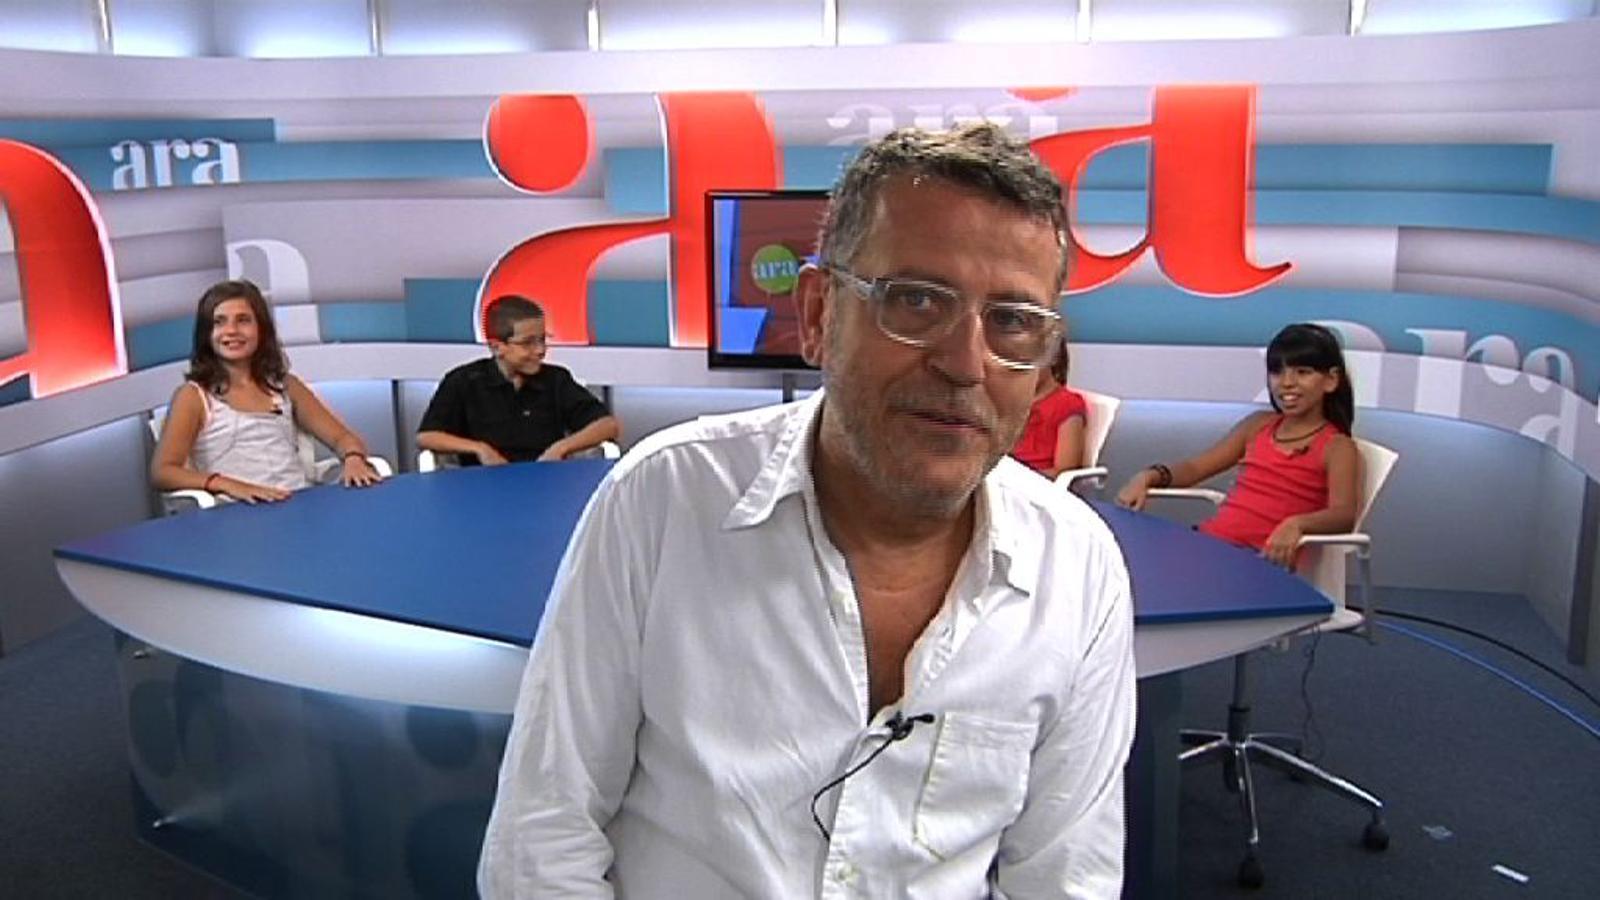 Ara Kids: El presentador de TV3 Lluís Canut entrevistat per criatures